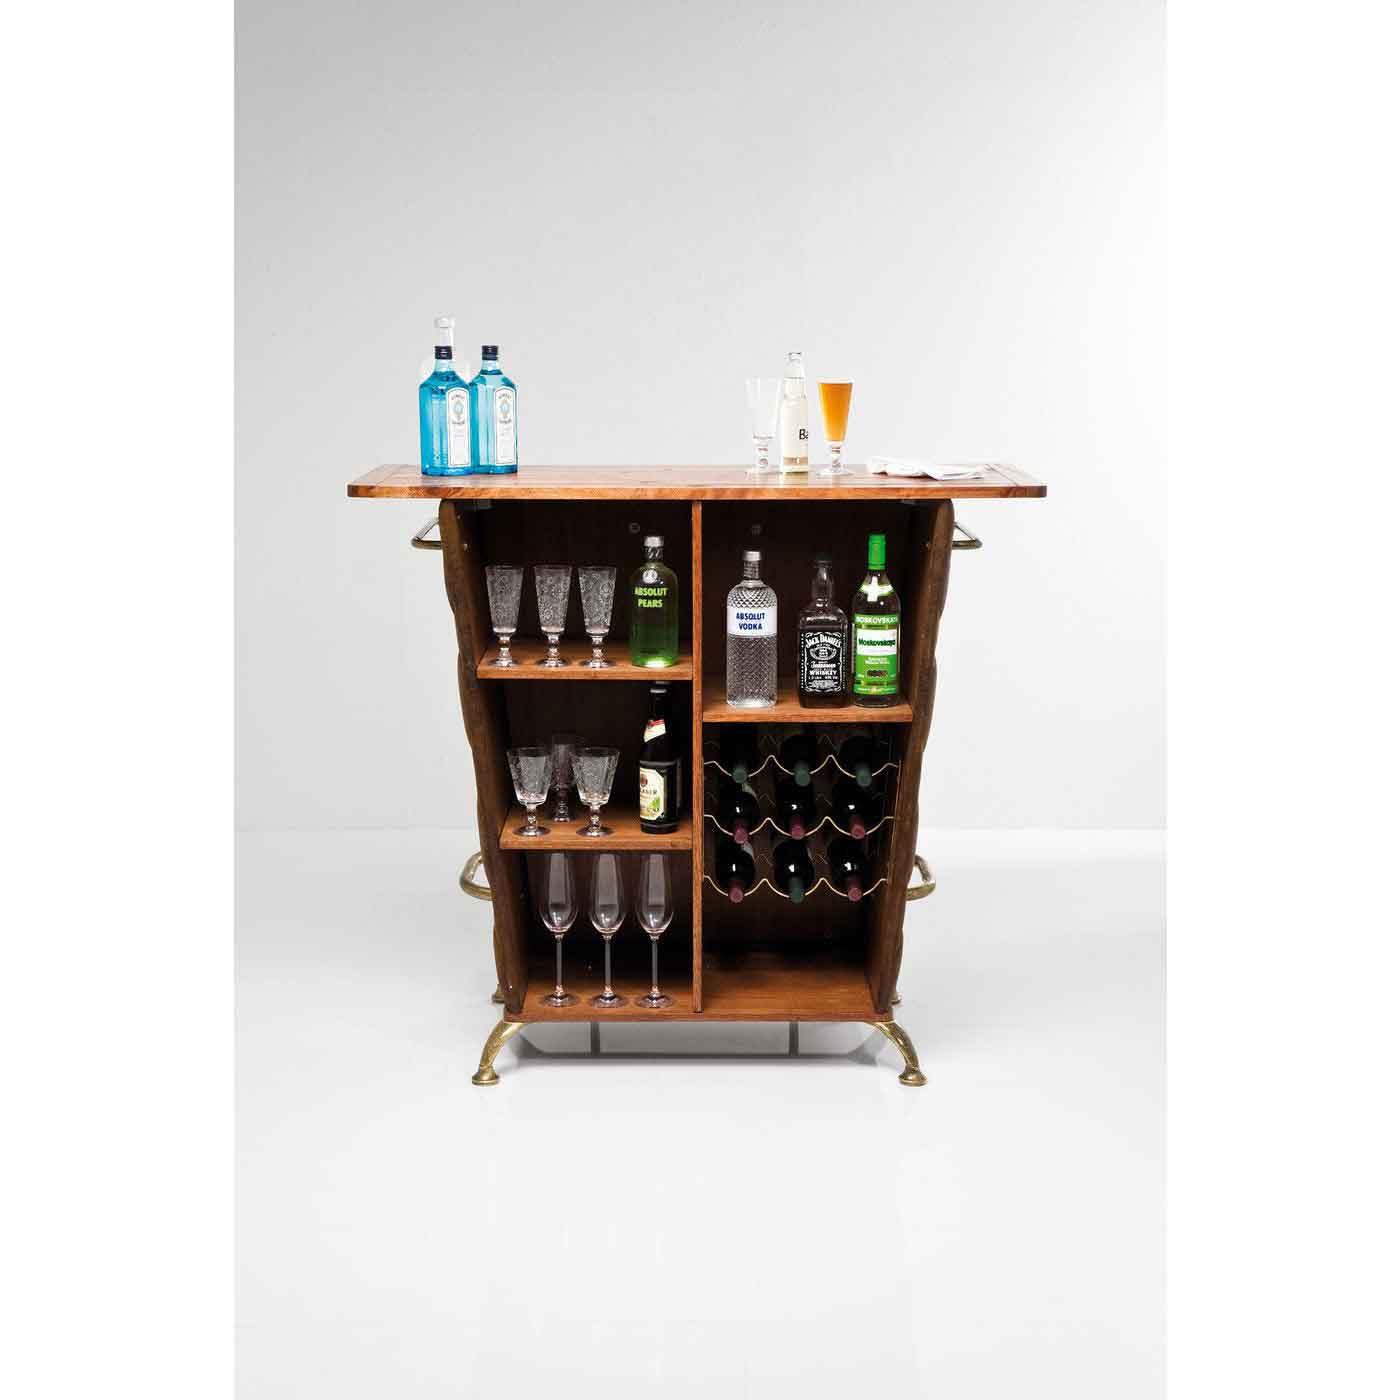 Hjemmebar I Vintage Stil Lille Kompakt Bar I Trae Og Laederlook